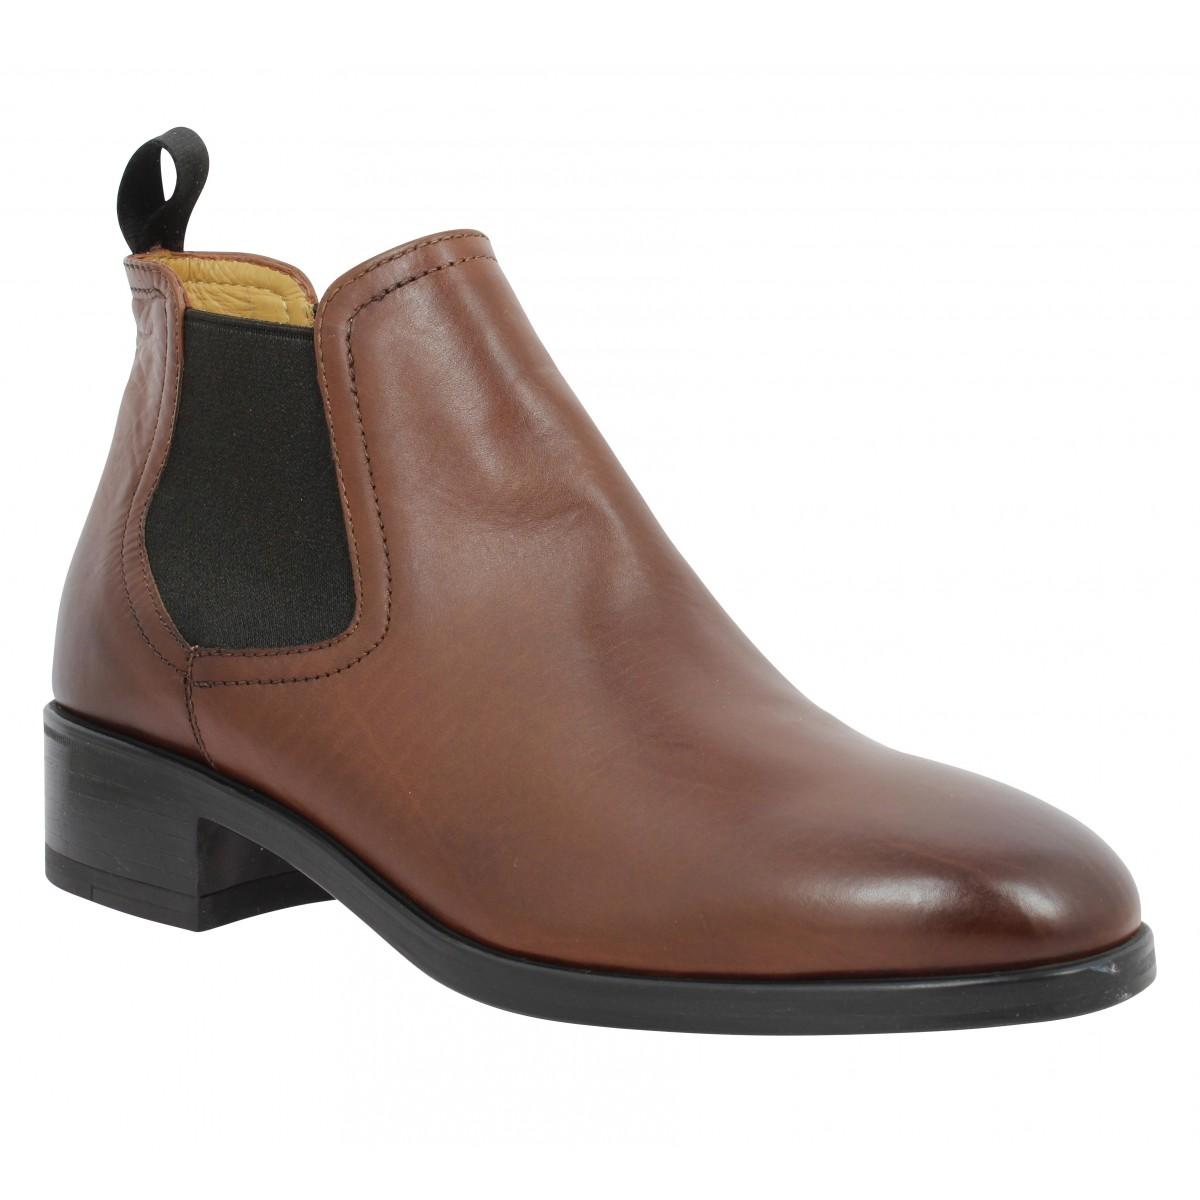 Bottines Chaussures Pas Mes Cher Flight Et Boots Triver rx0wPqrAg